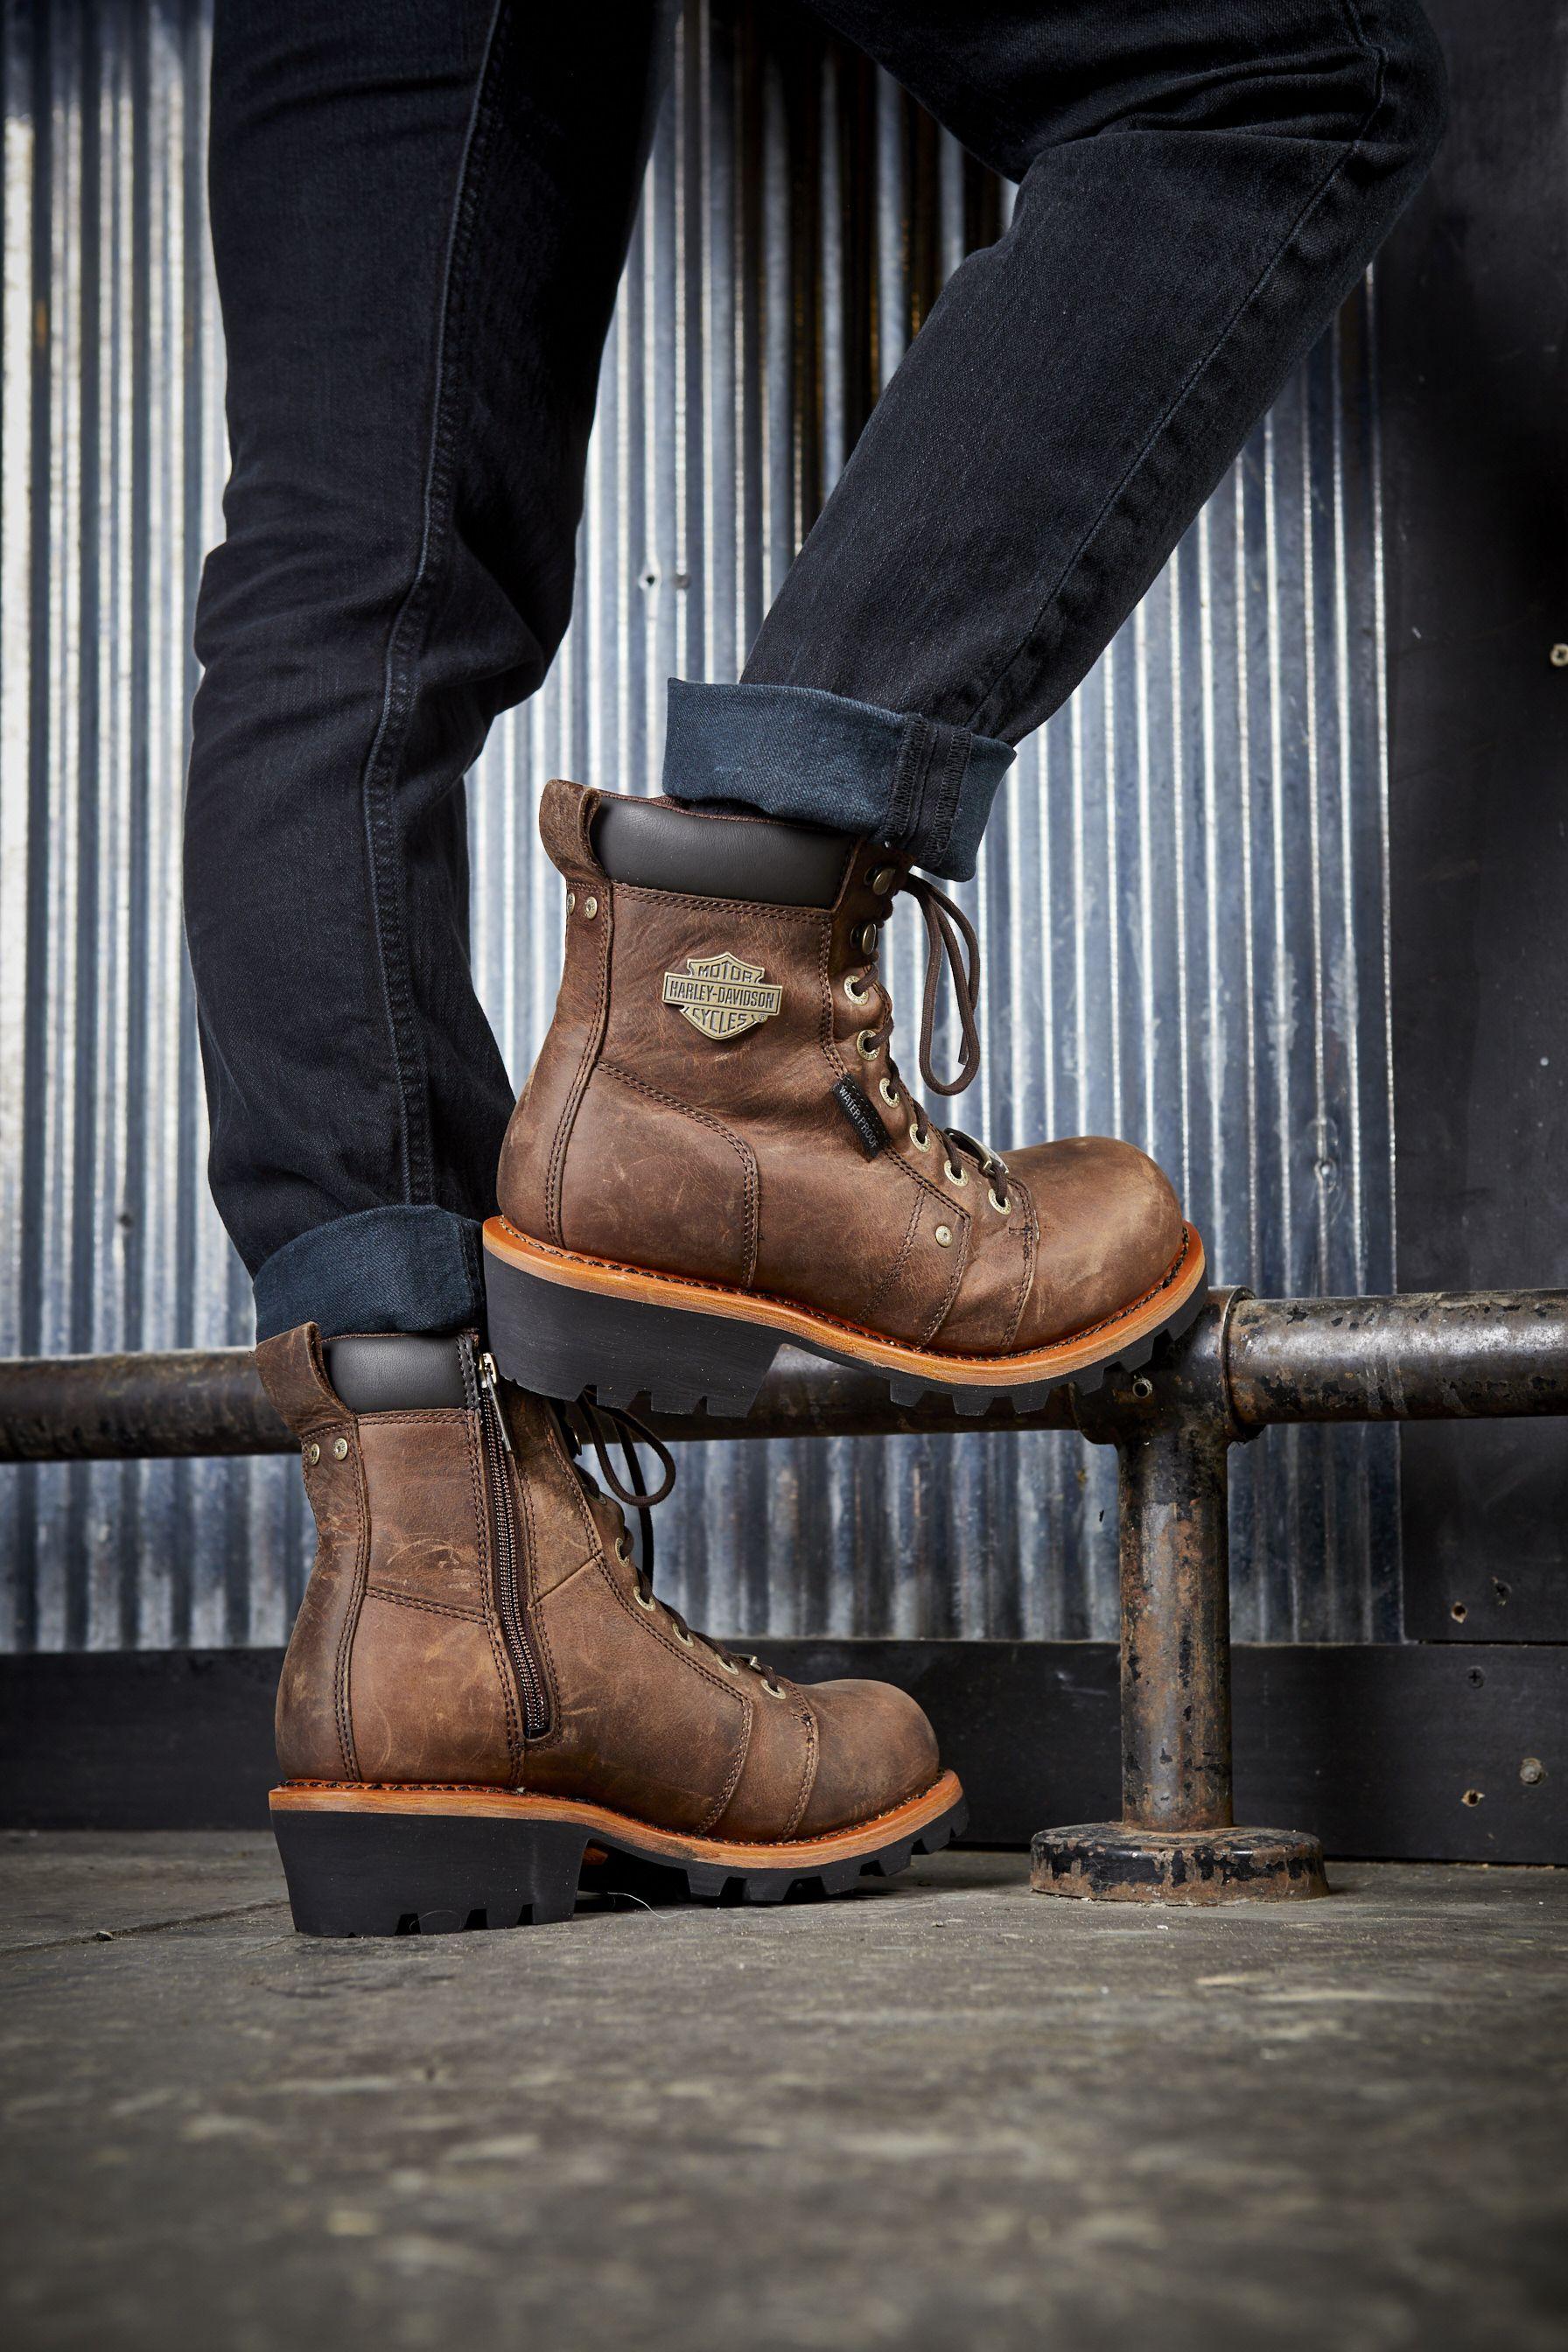 19b3369c7 Men's Landale Boot | Boots | Boots, Harley davidson dealership ...